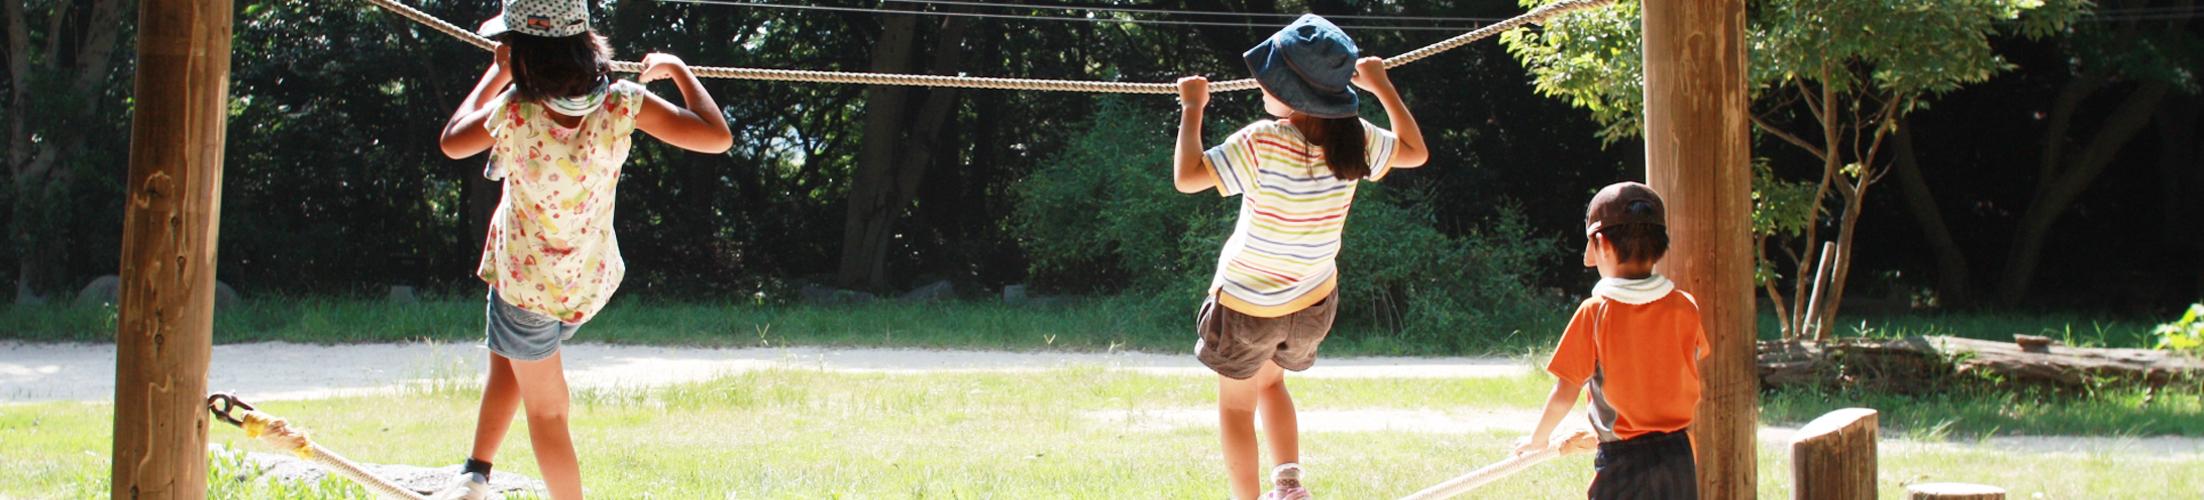 運動をすることで、子どもの脳は活性化され様々な効果が見込めます。